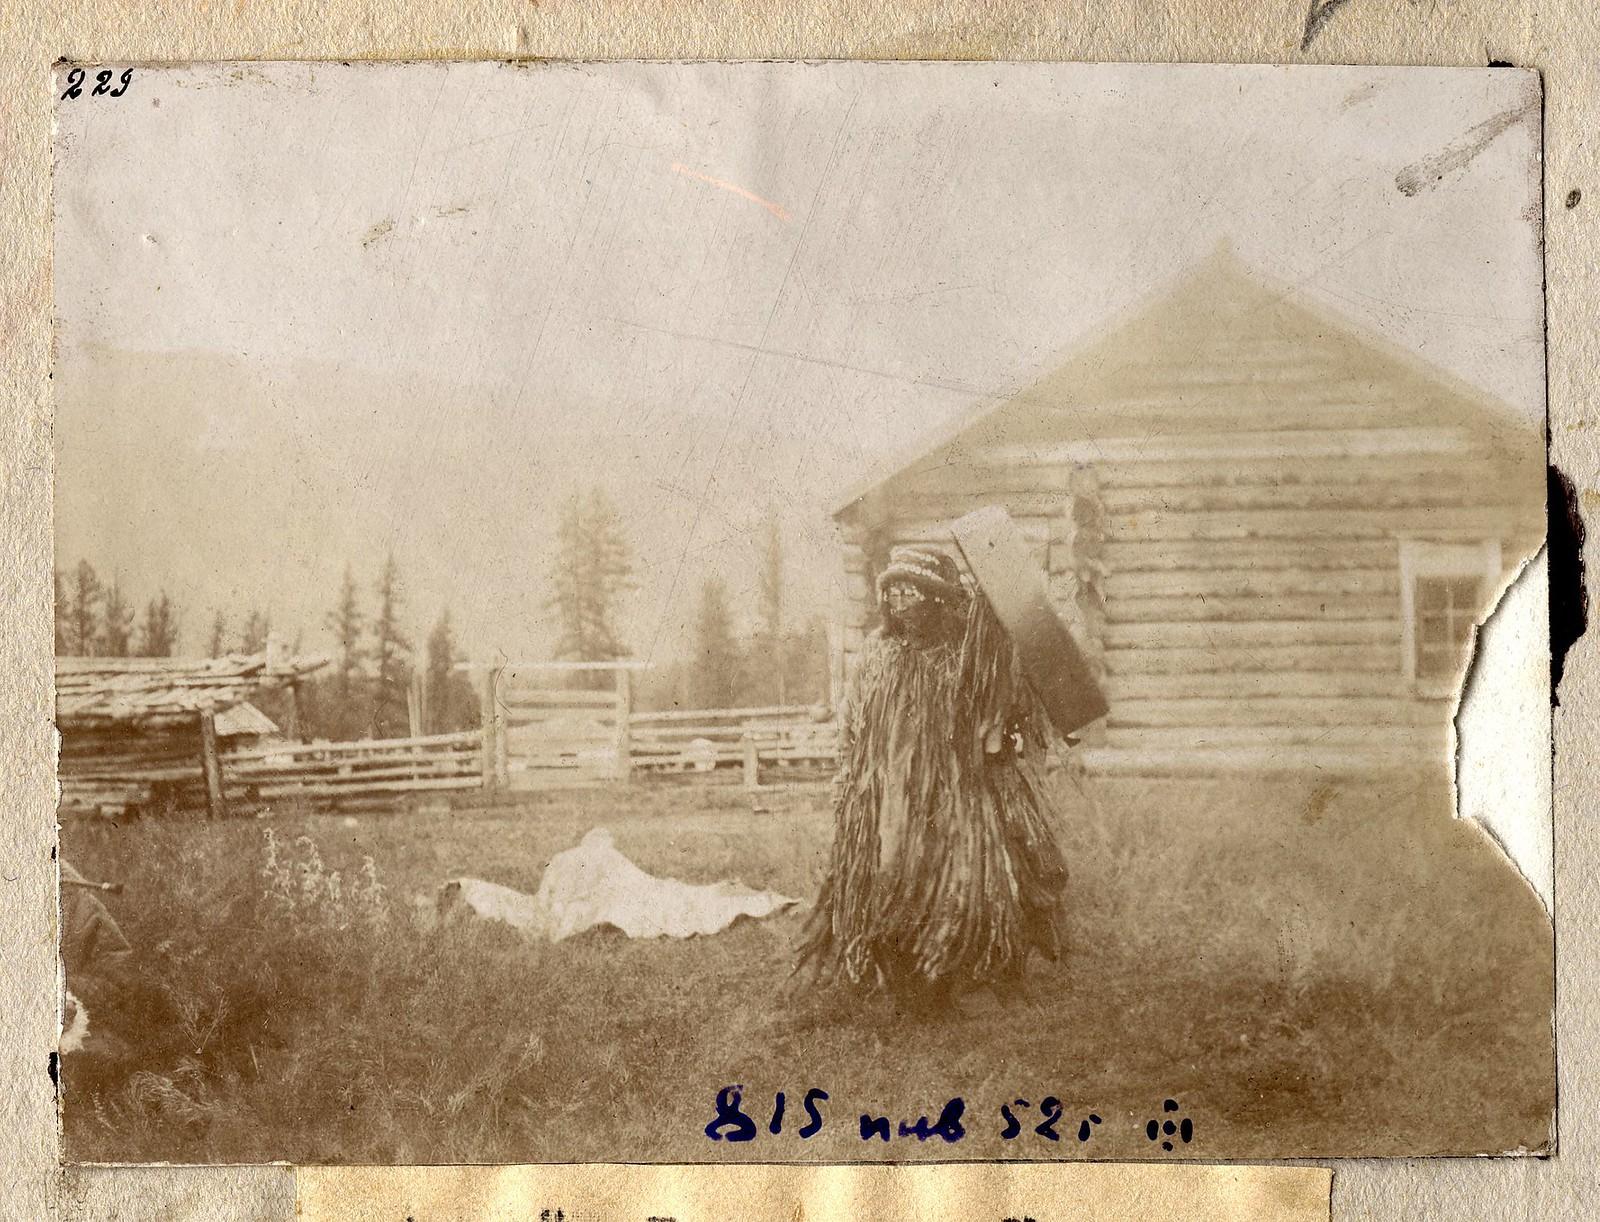 Алтайский шаман во время камлания. Долина реки Кучерлы.